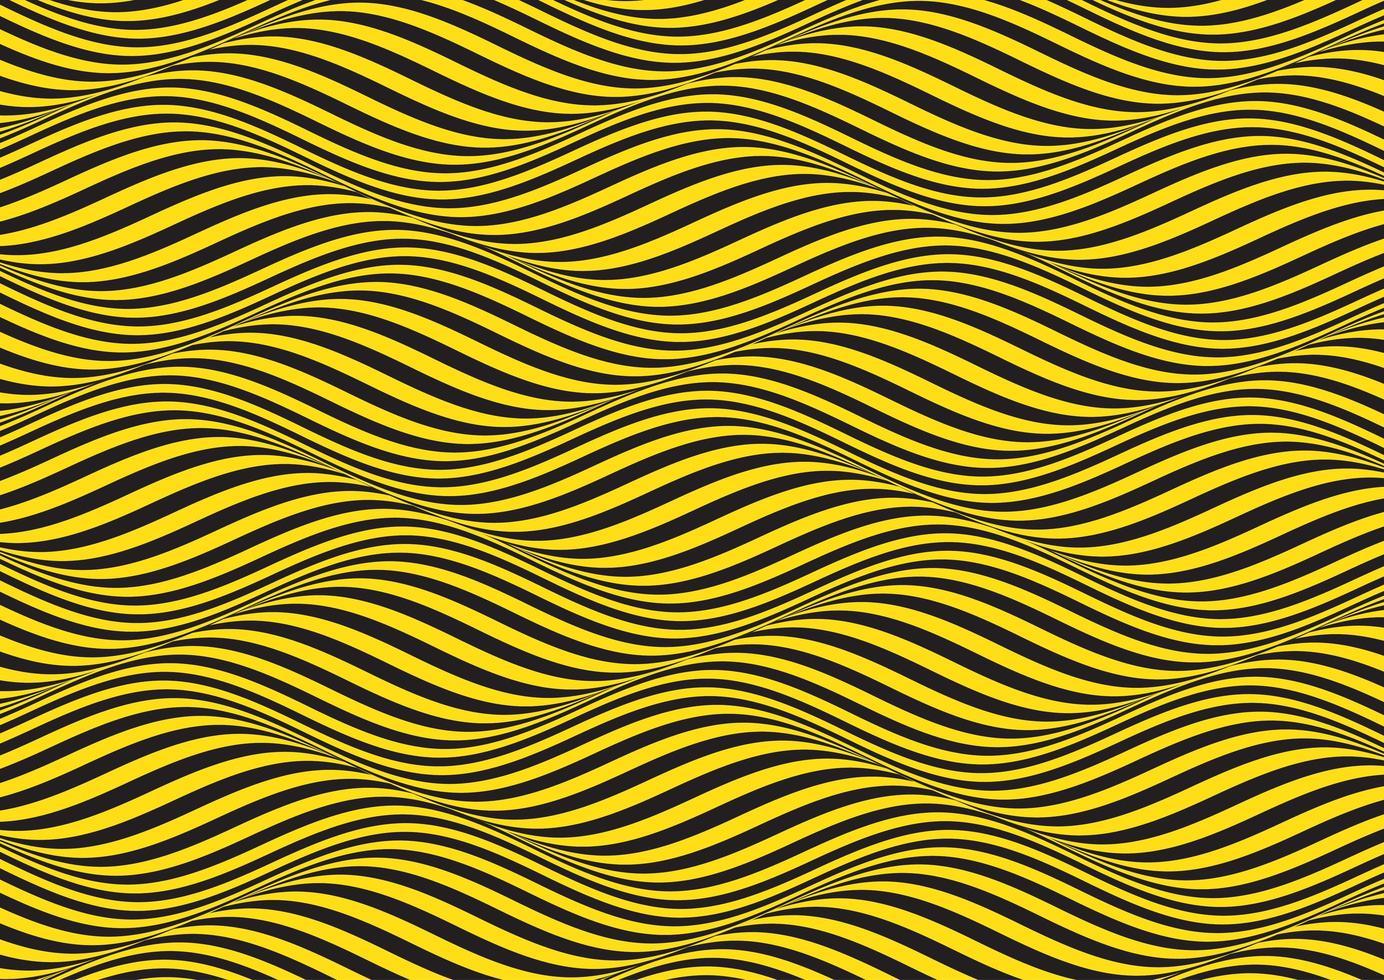 sfondo giallo e nero ondulato illusione ottica vettore